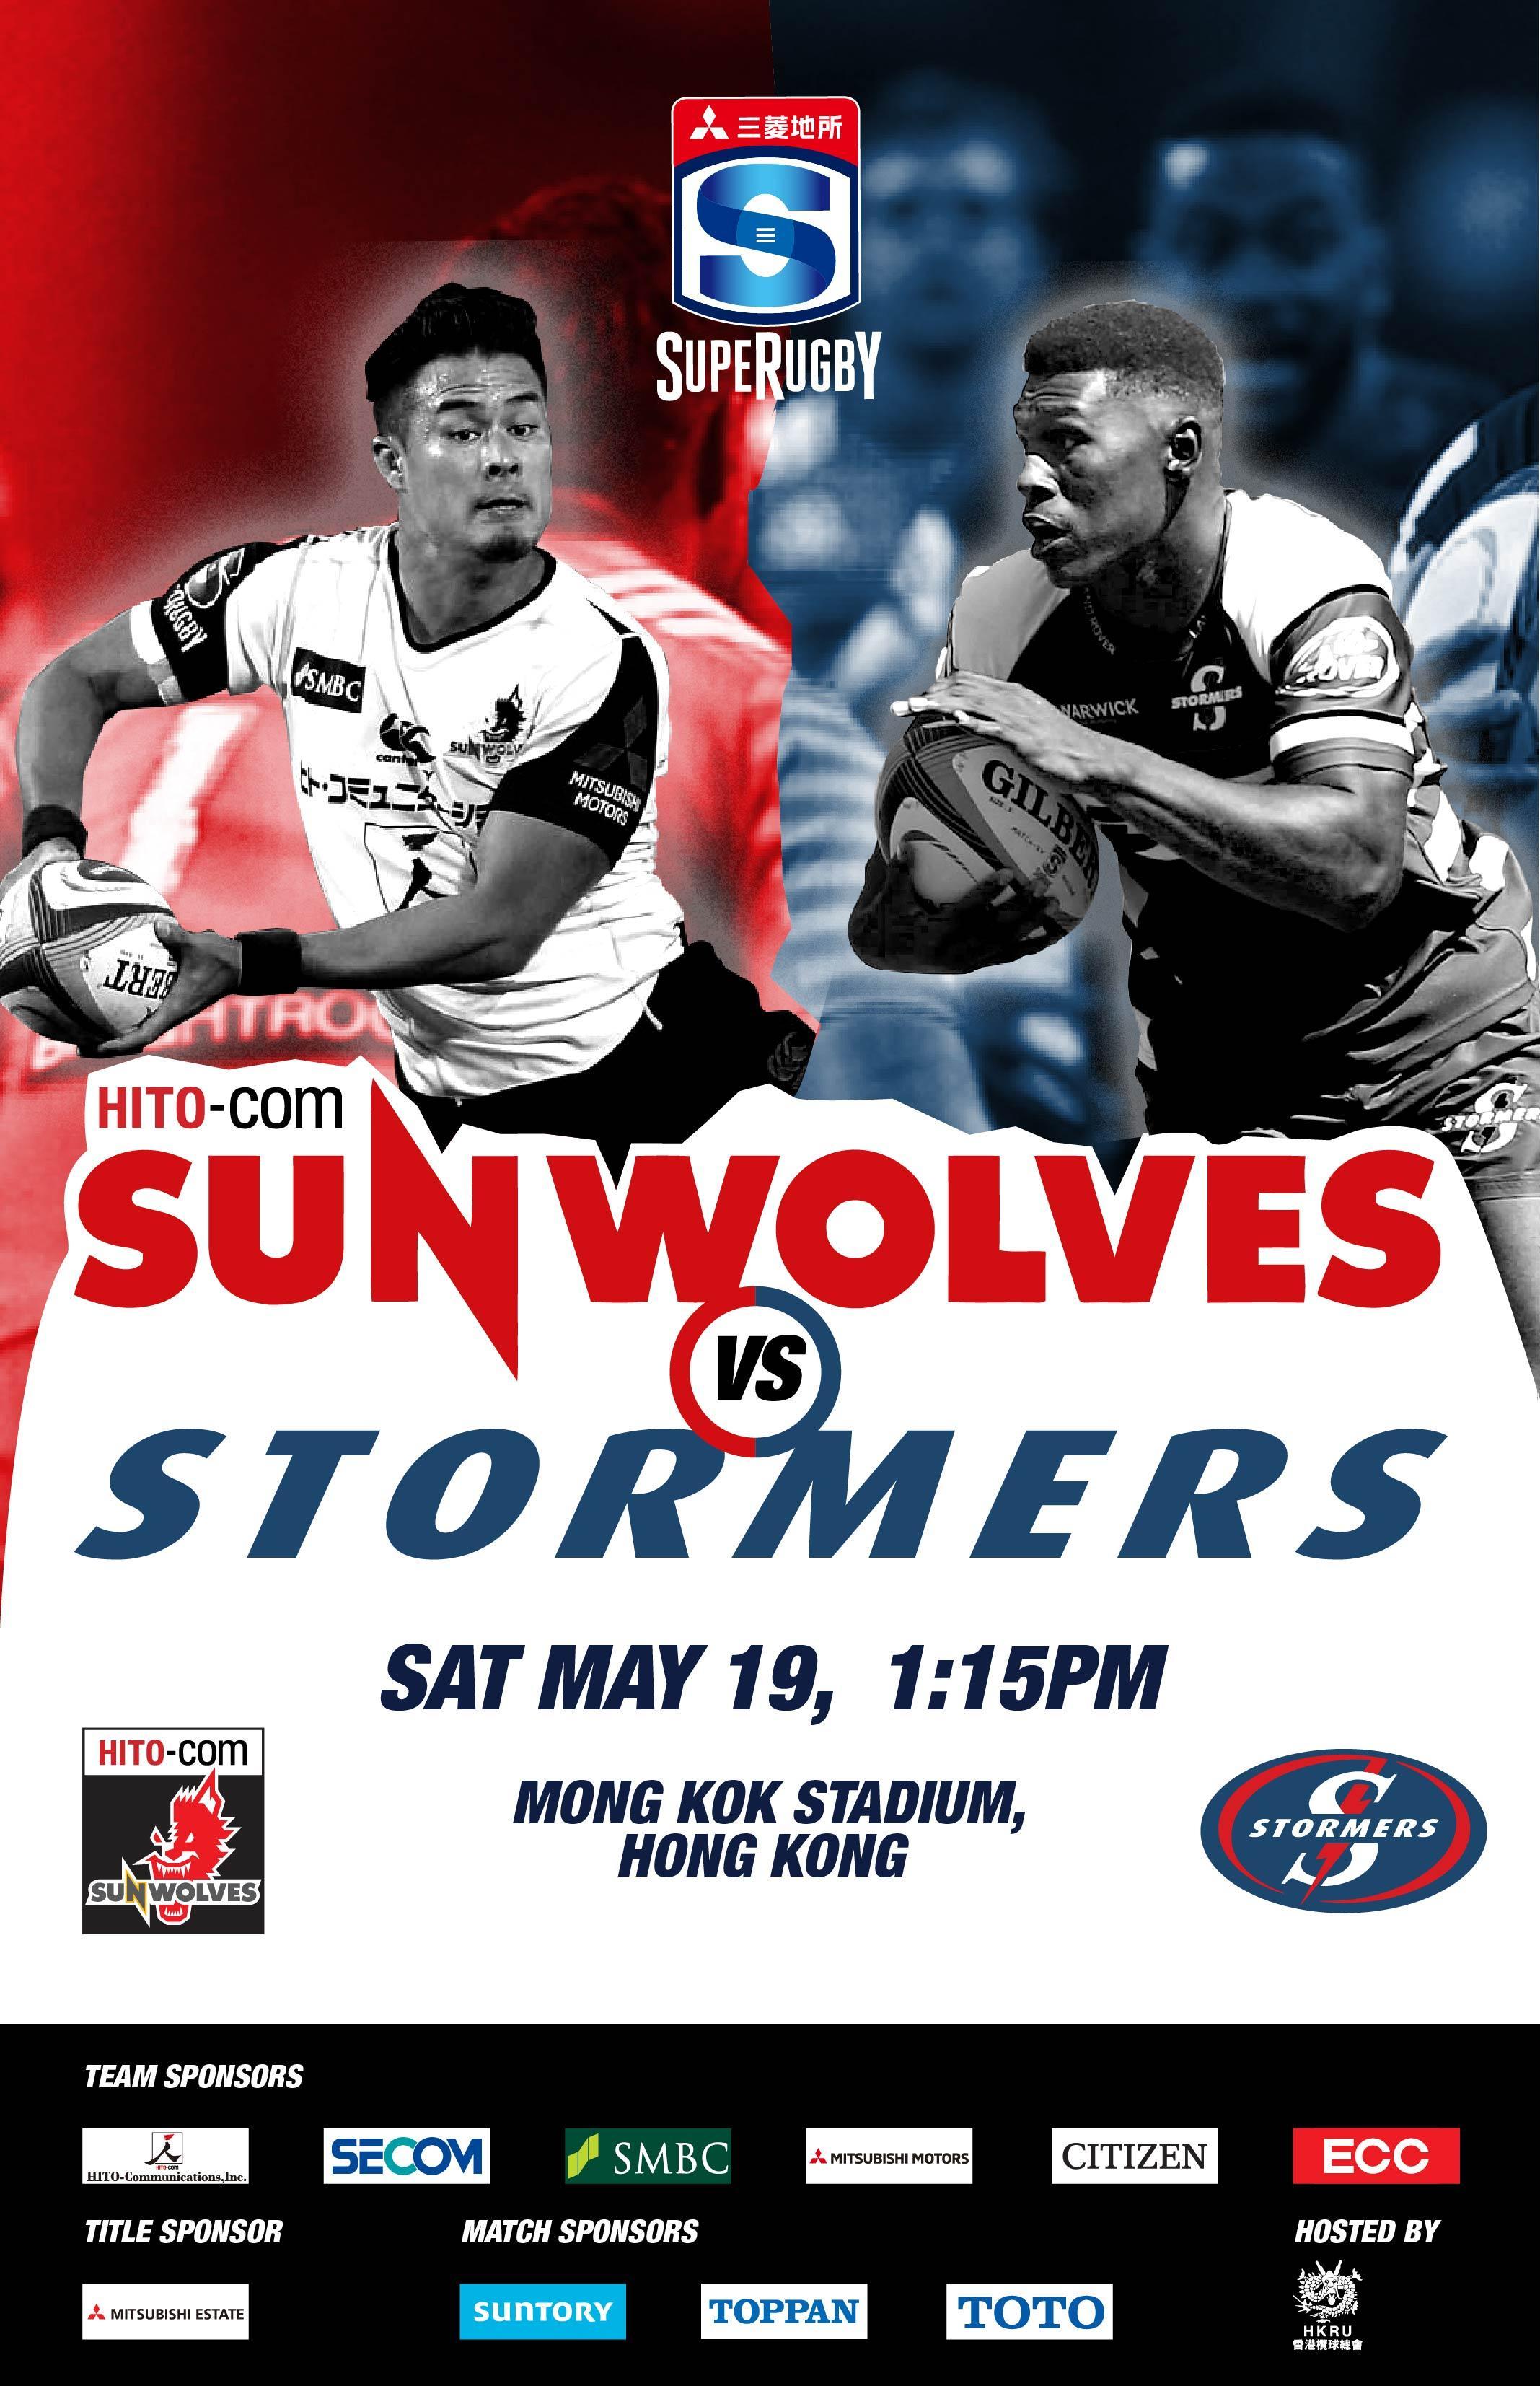 Sunwolves v Stormers